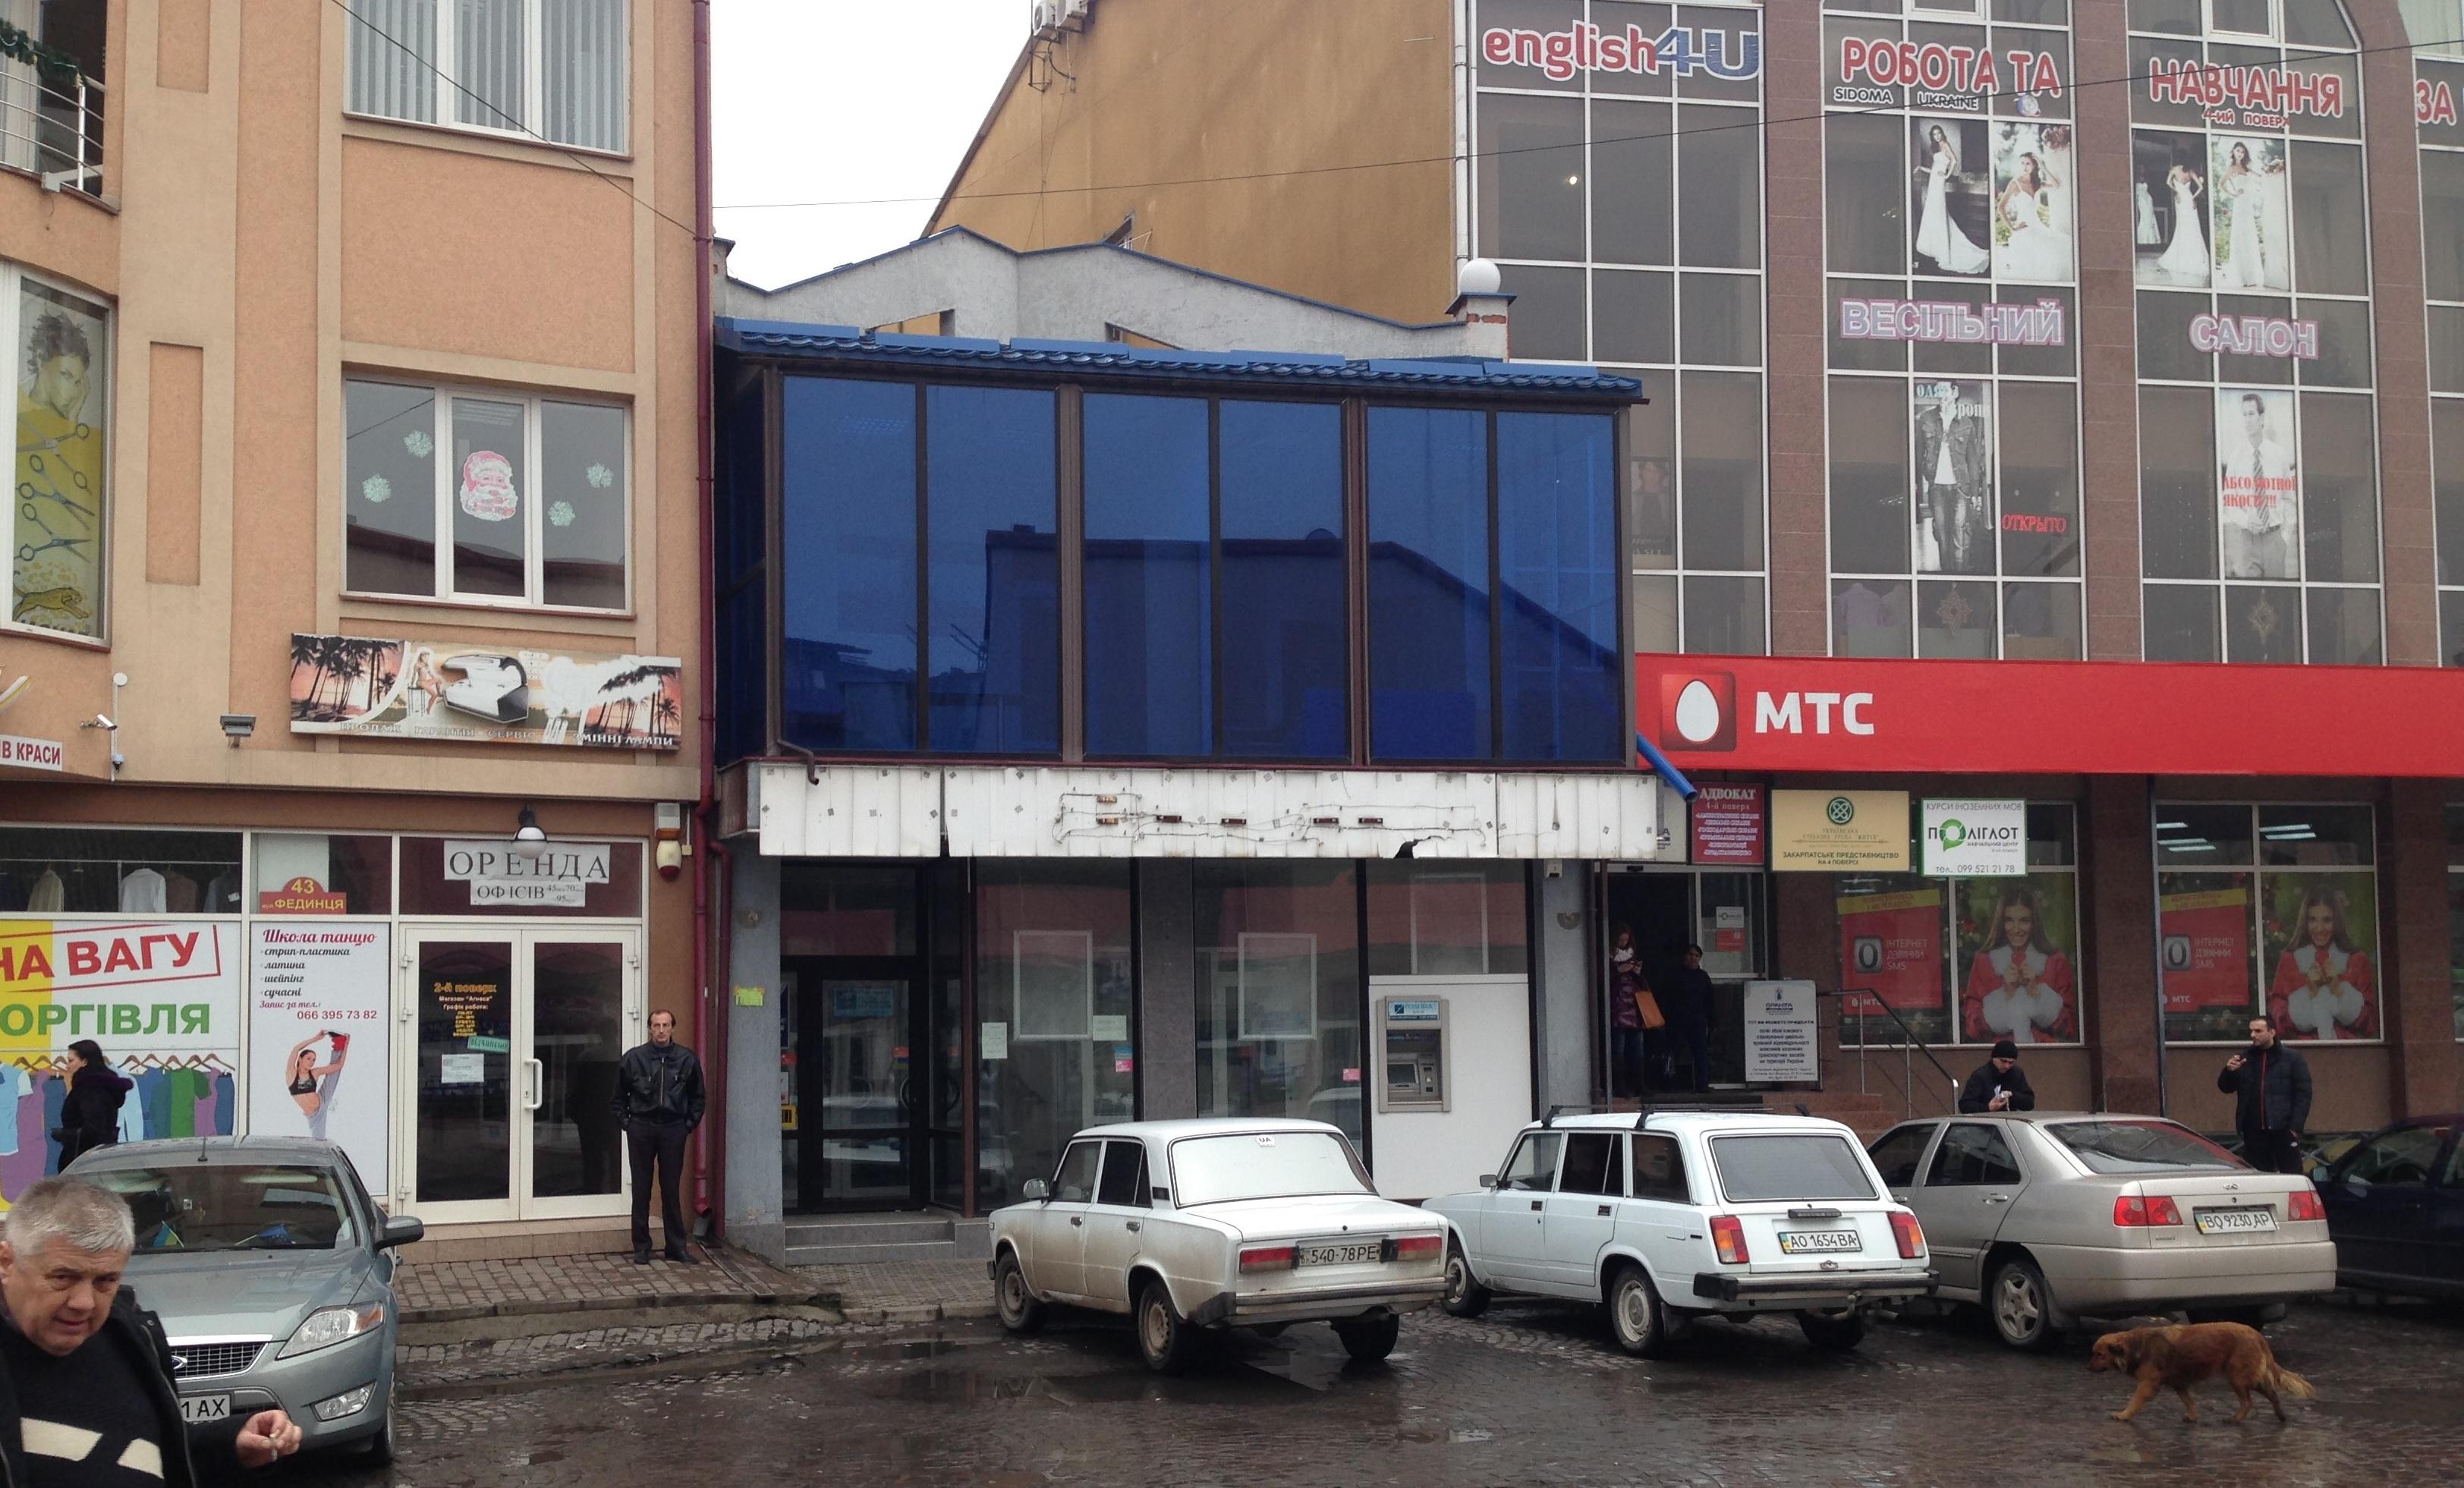 Нежитлове приміщення загальною площею 408,0 кв.м., розташоване за адресою: м. Ужгород, вул. Фединця, 45